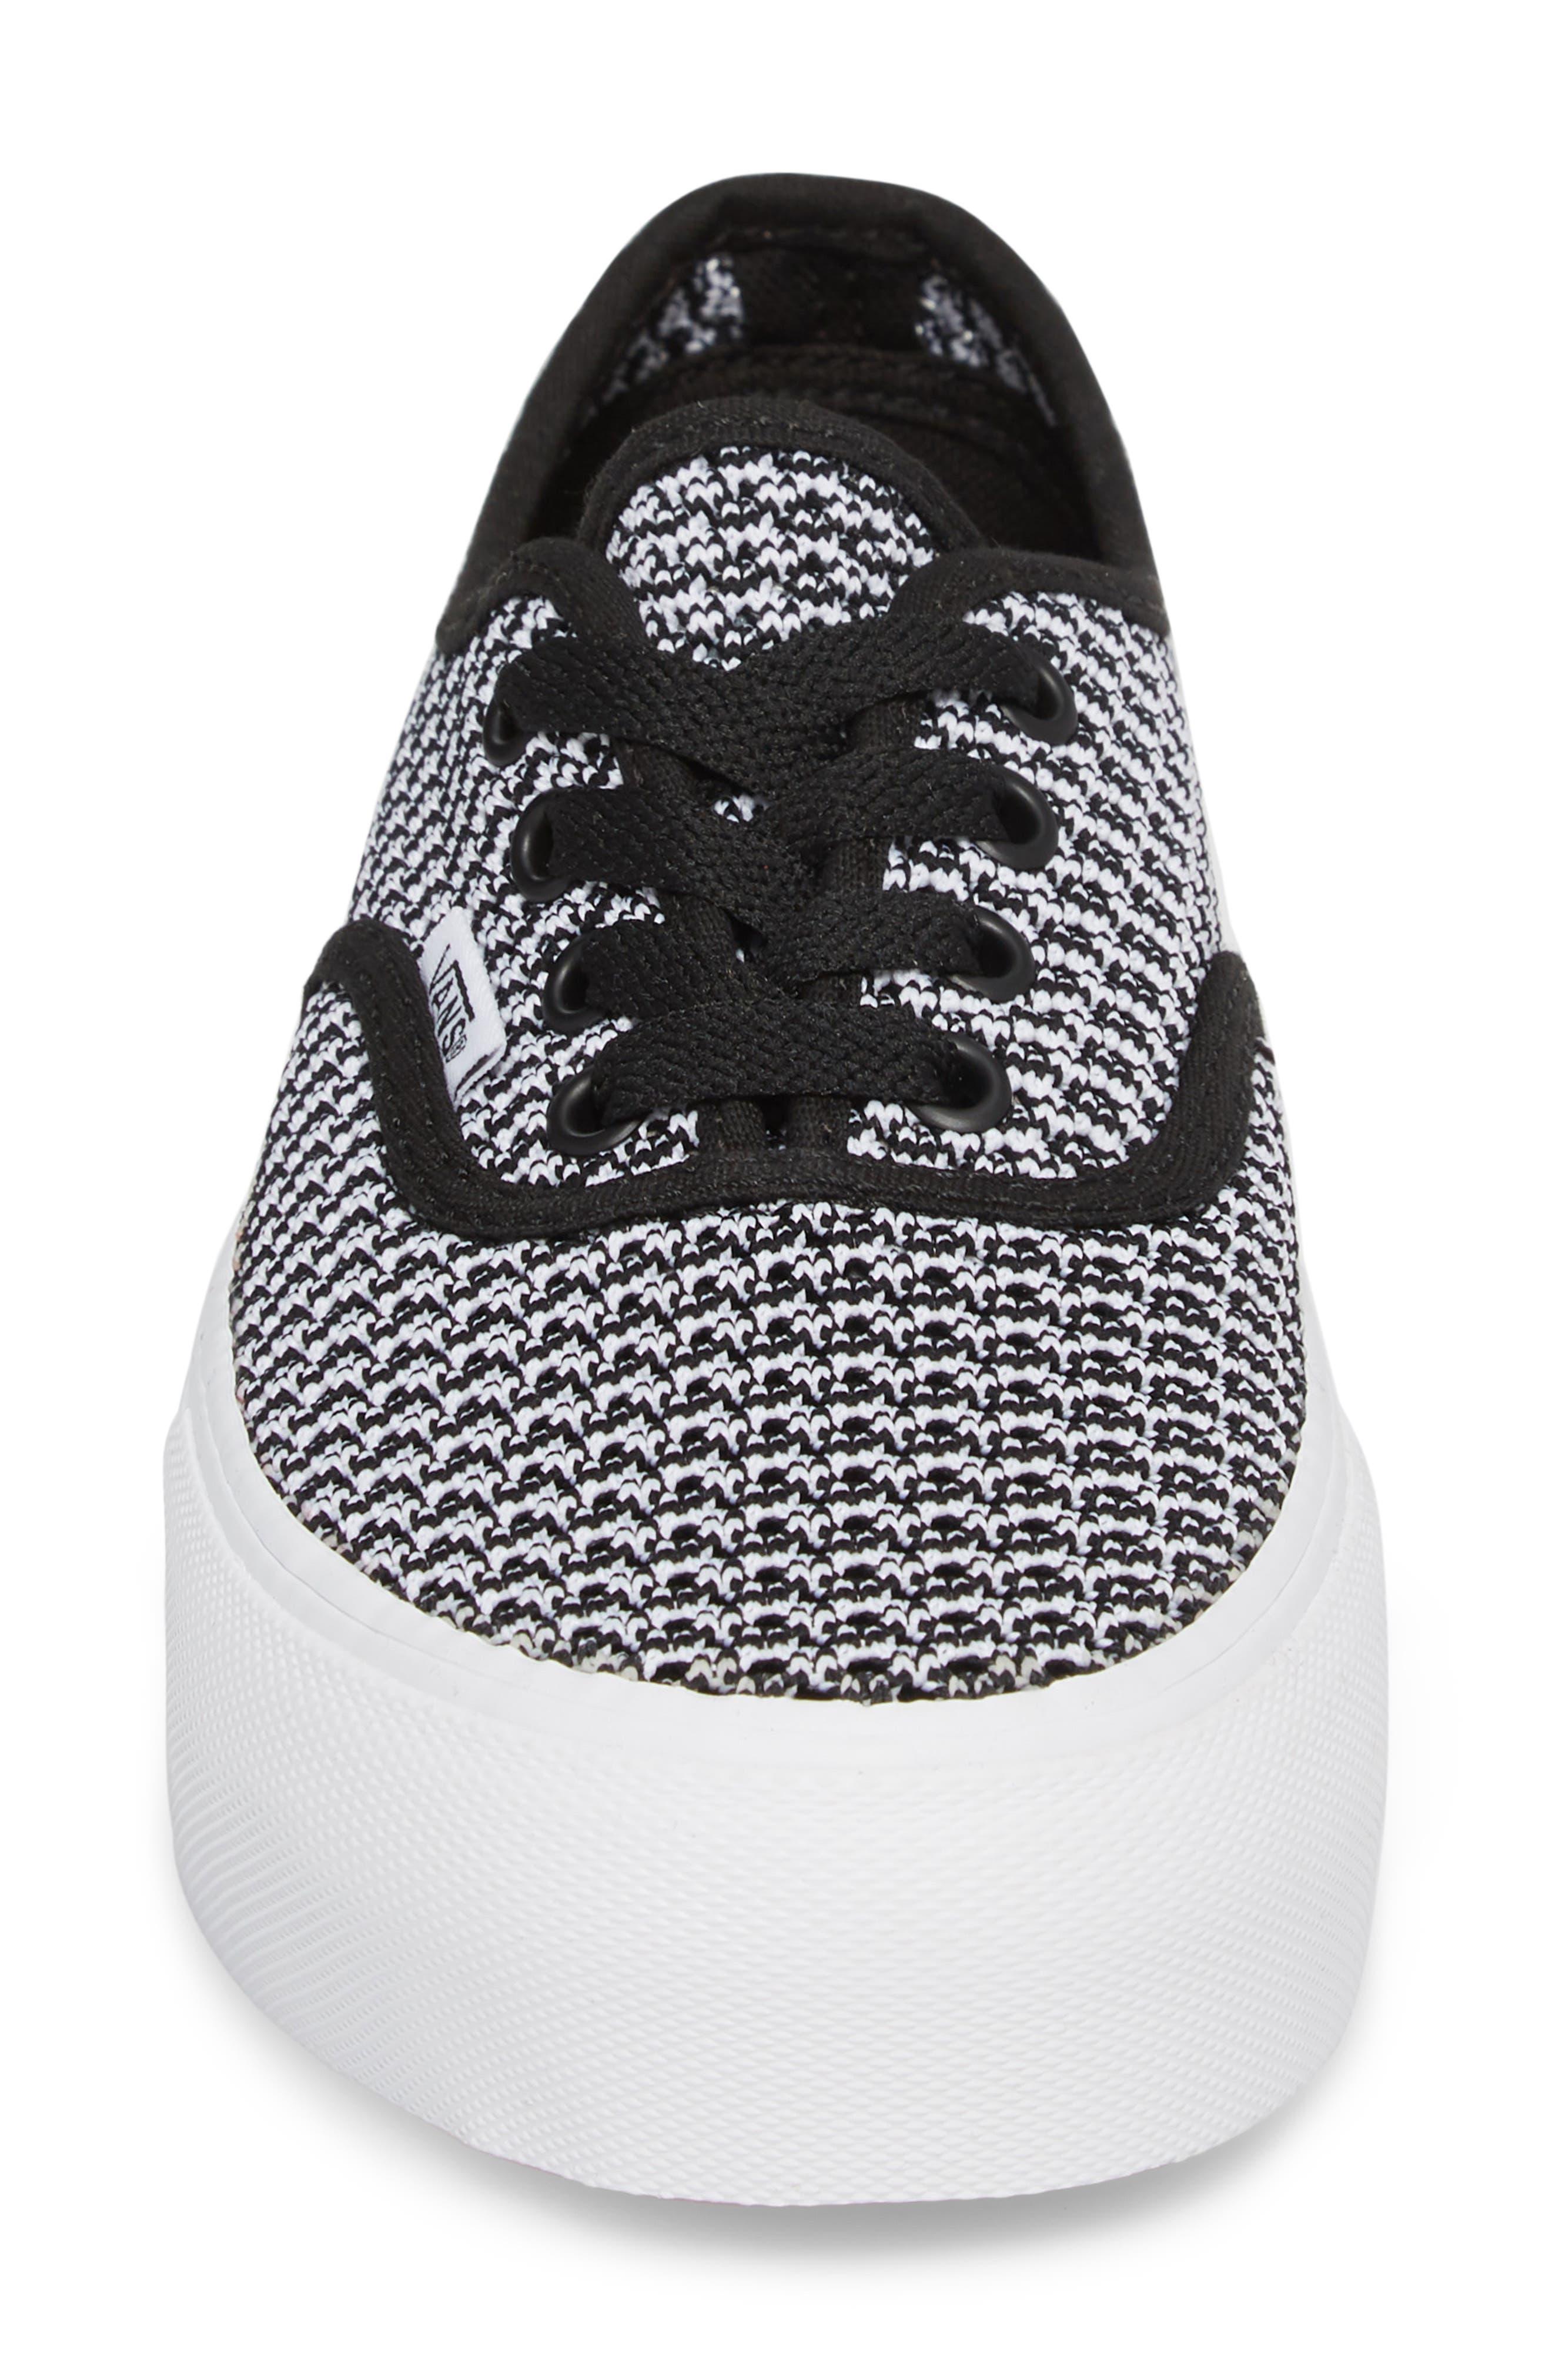 VANS,                             'Authentic' Platform Sneaker,                             Alternate thumbnail 4, color,                             004